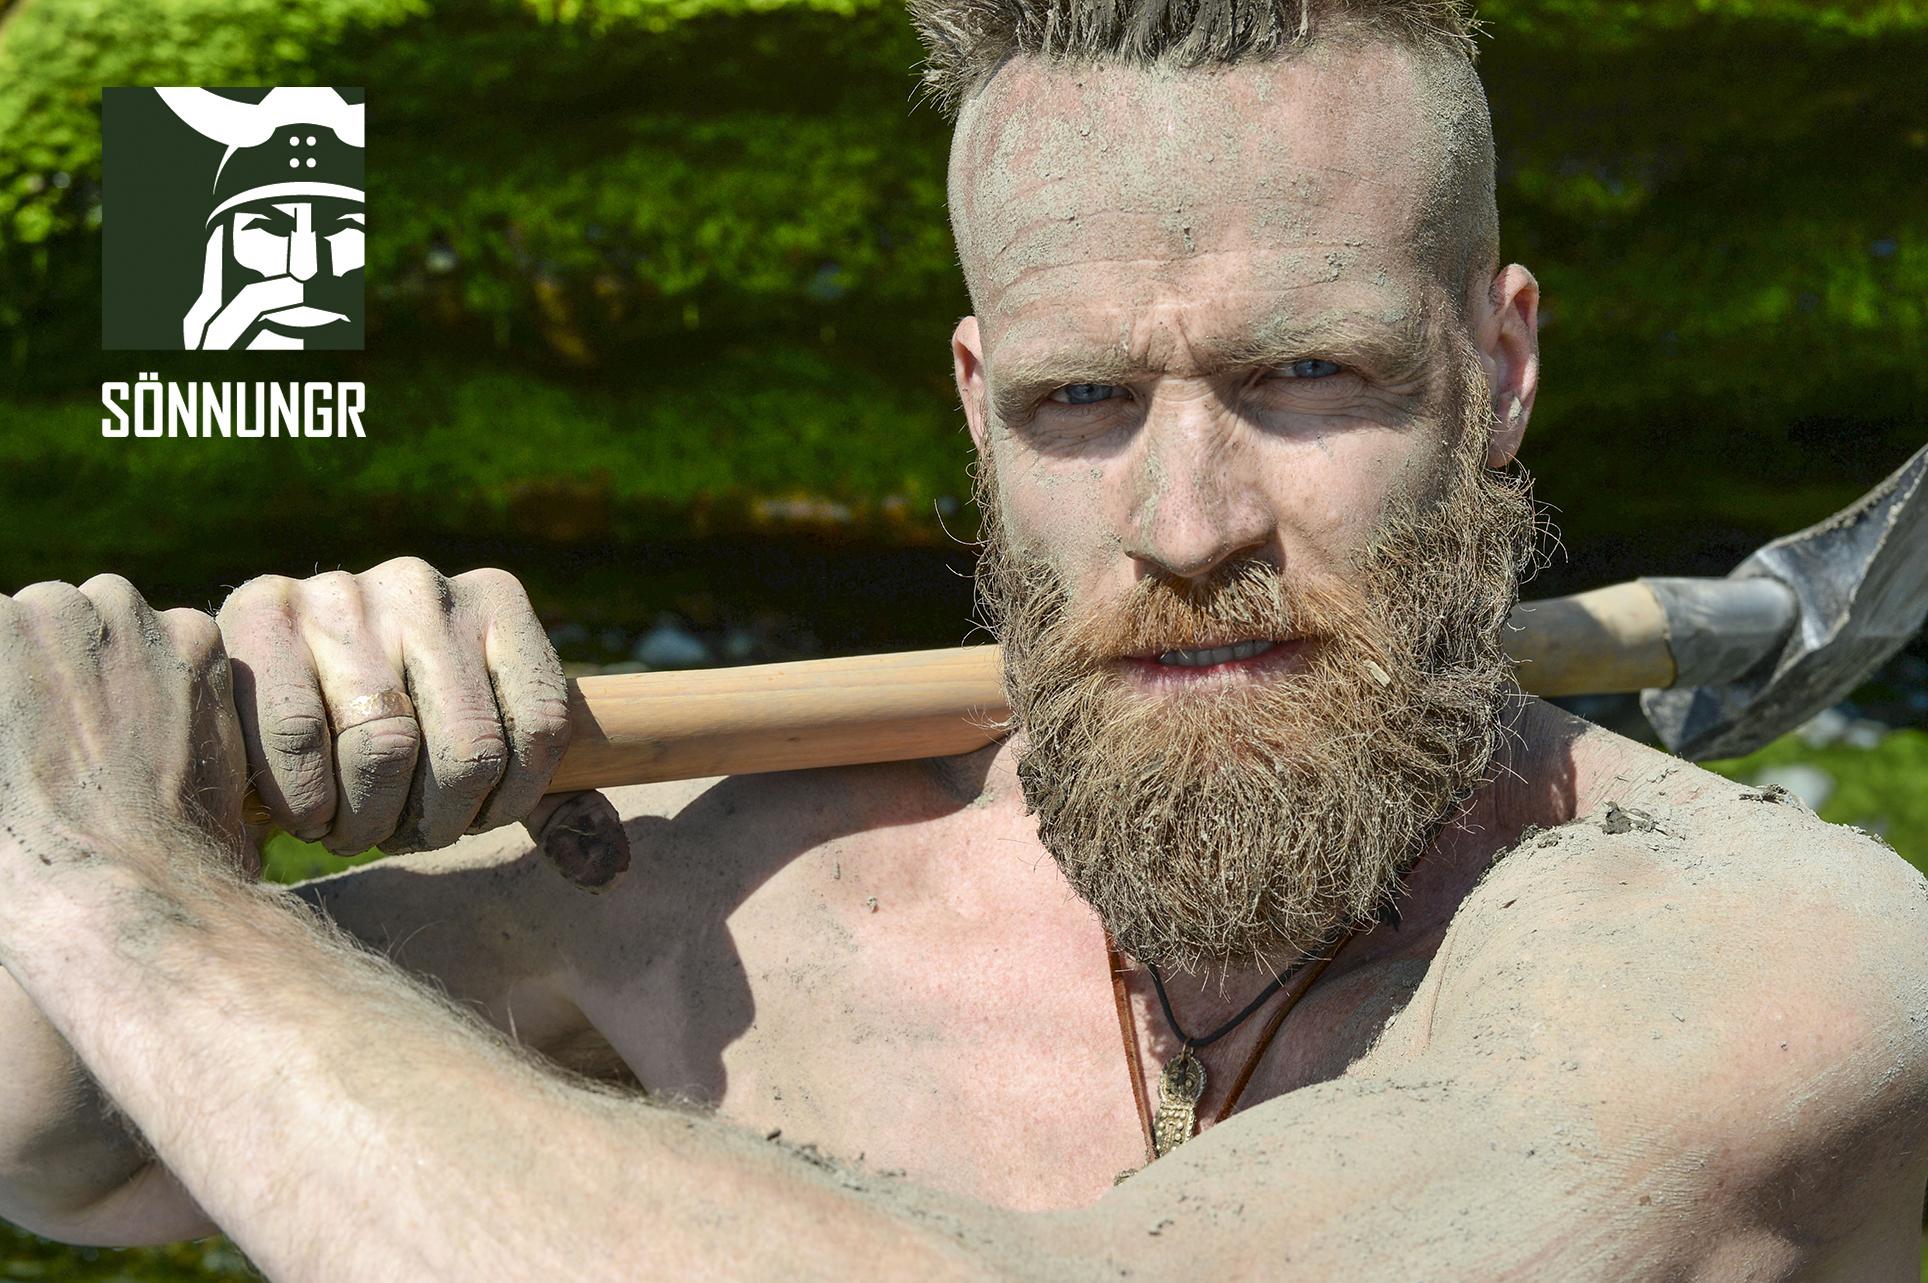 dirty_beard.jpg